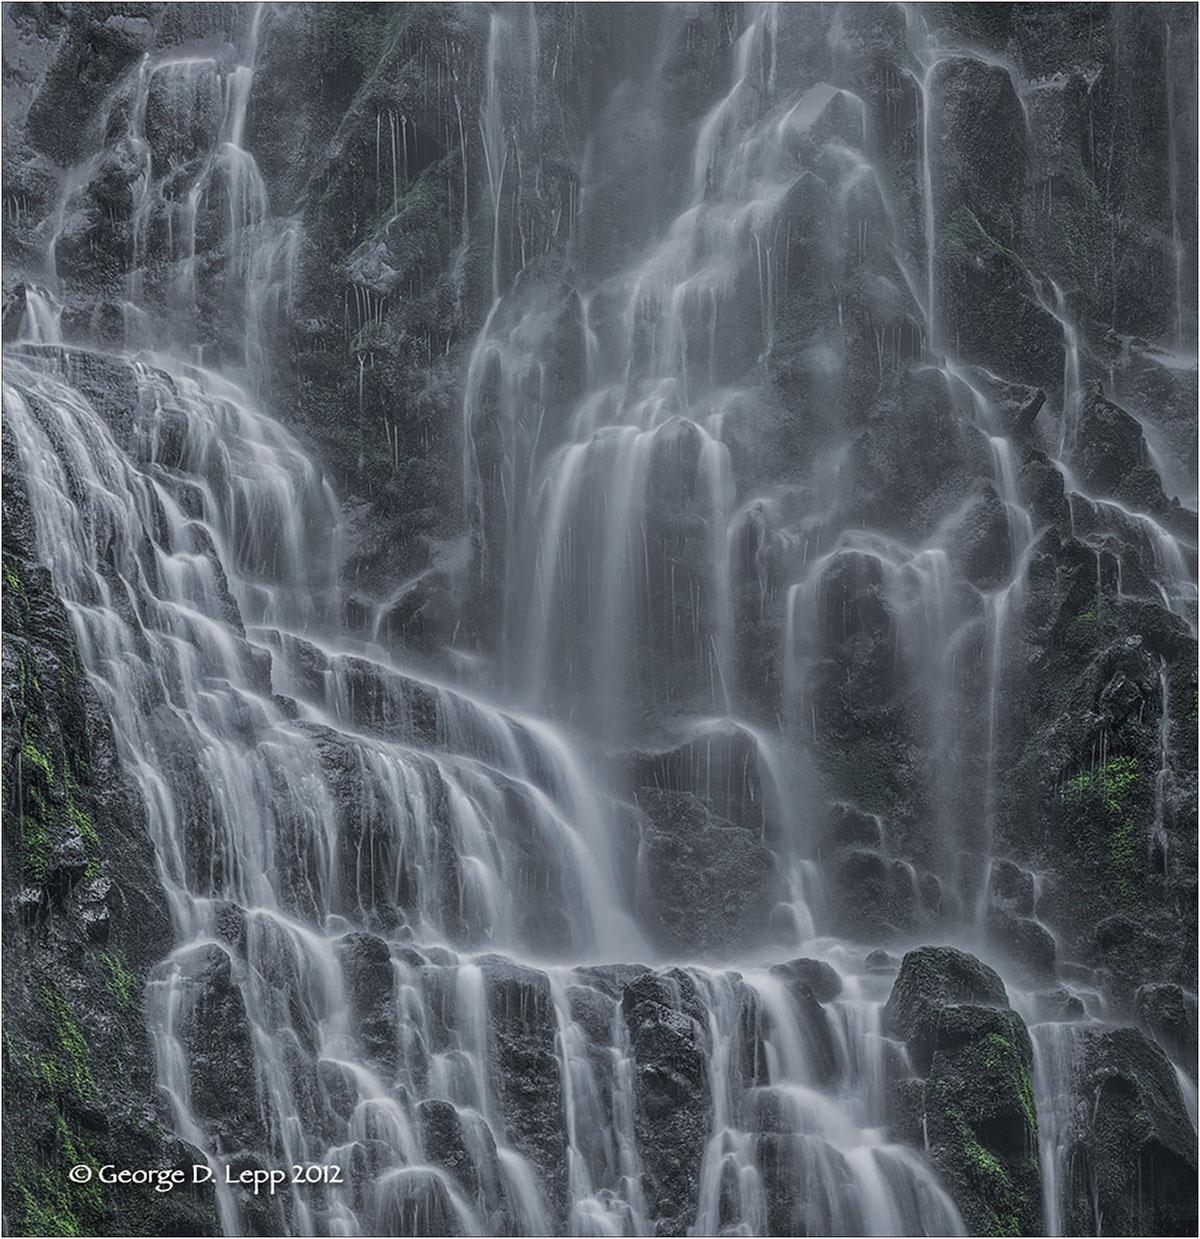 Lower Proxy Falls, Cascades, Oregon. © George D. Lepp 2012 LO-WF-PR-0002